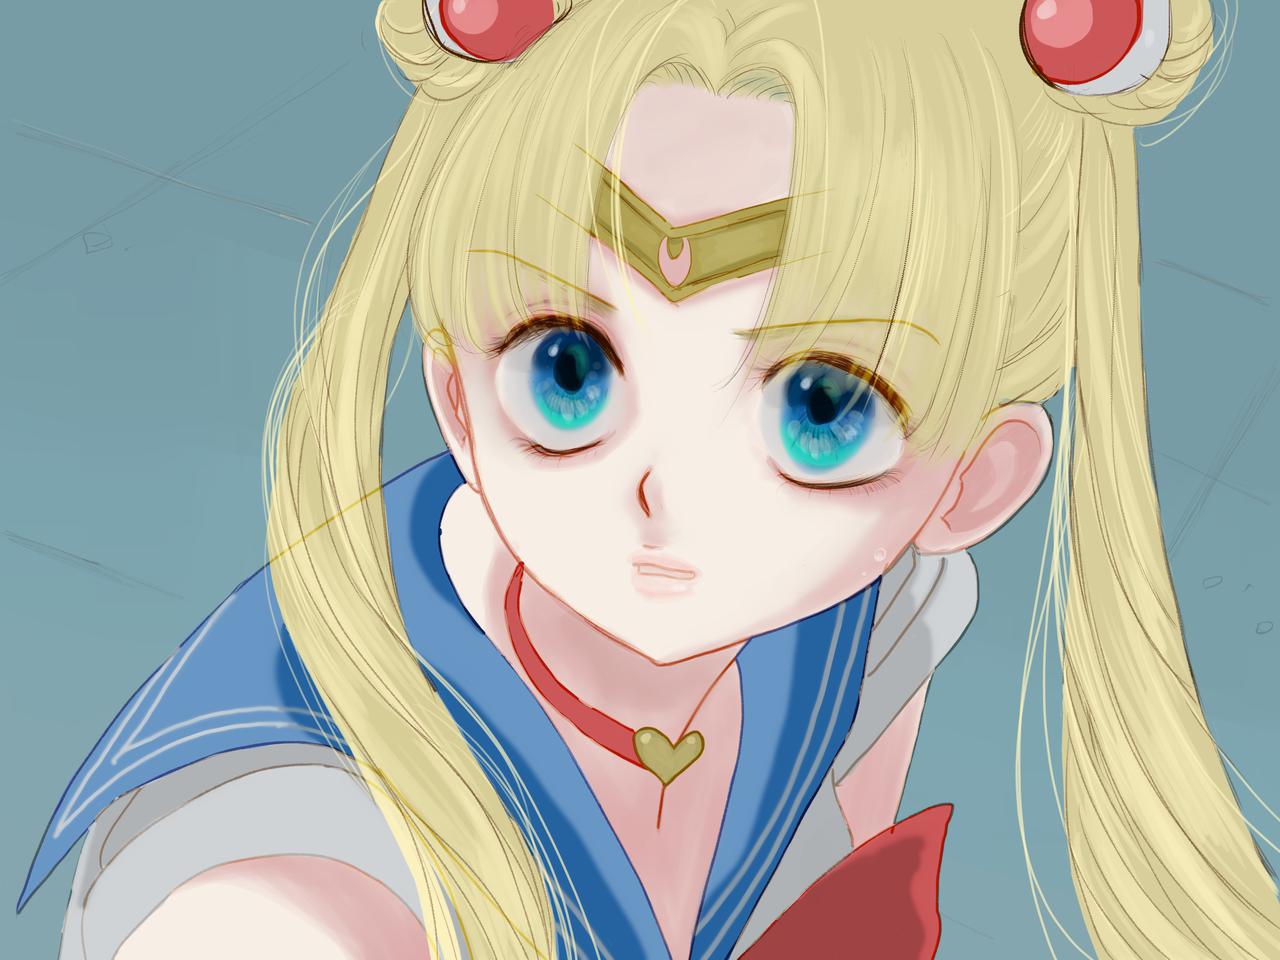 セーラームーンチャレンジ! Illust of FJ sailormoonredraw medibangpaint UsagiTsukino girl